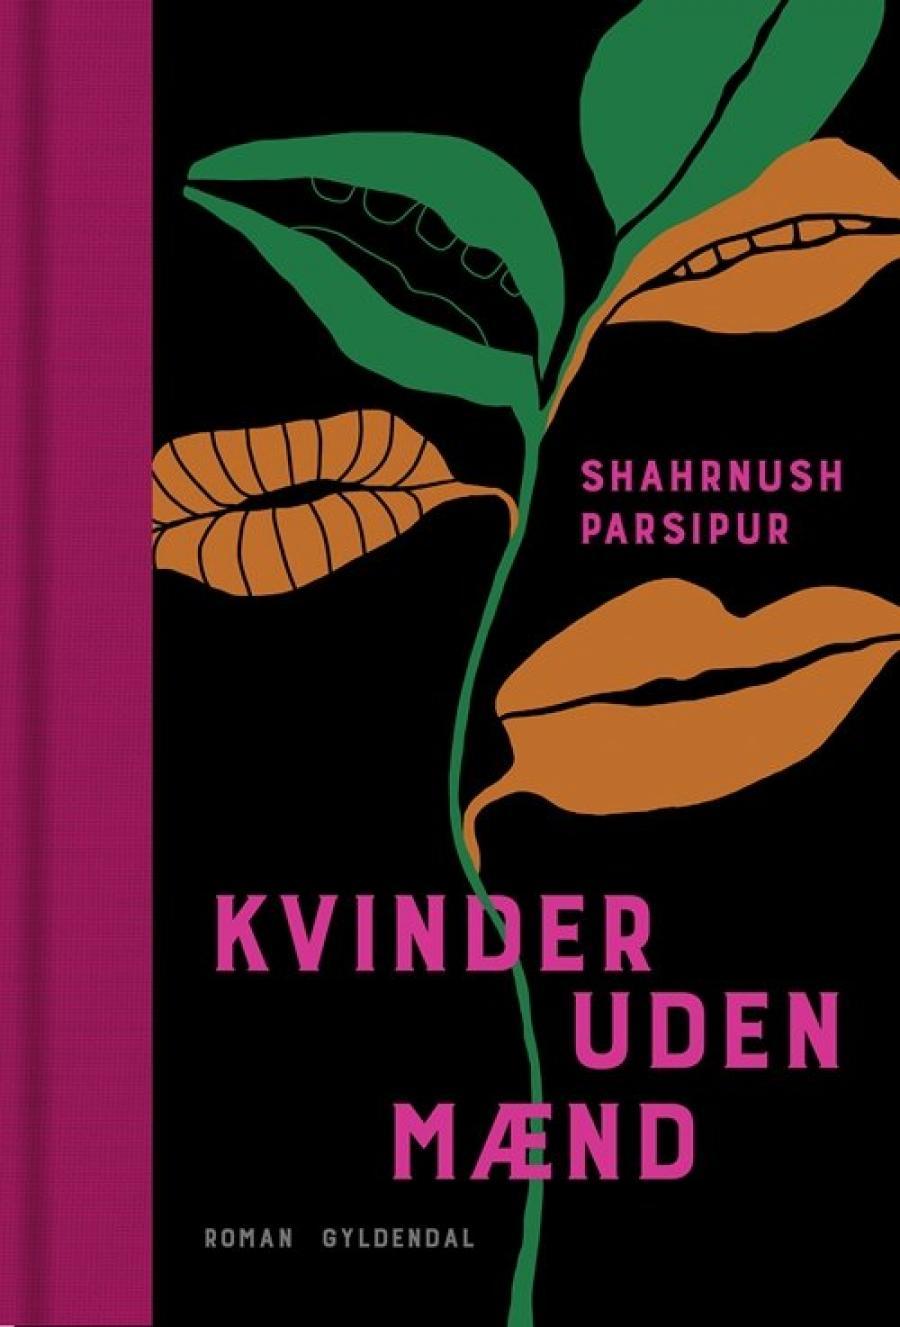 Billede af bogen Kvinder uden mænd af Shahrnush Parsipur